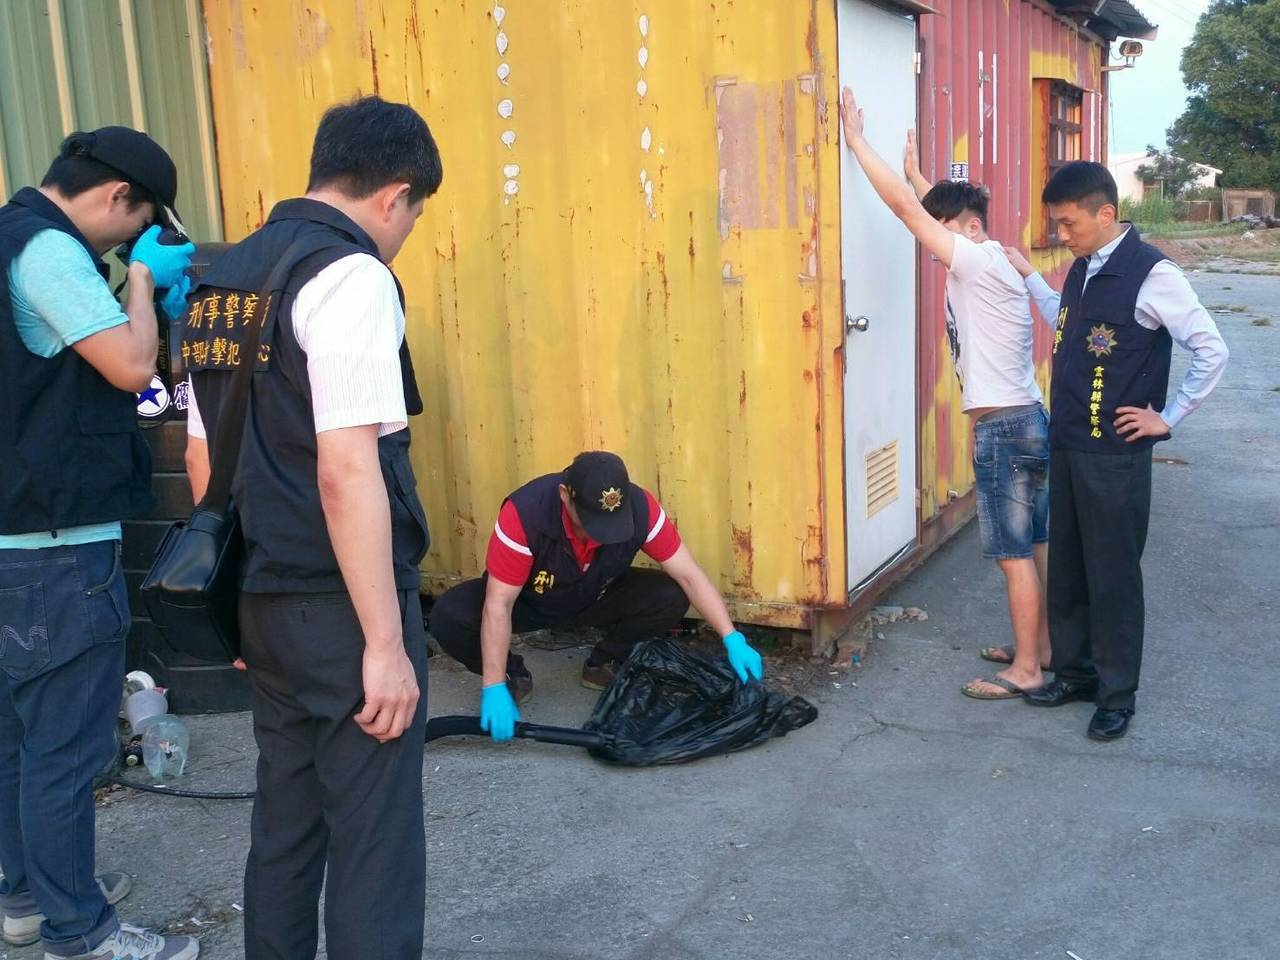 警方帶著黃嫌起出疑為作案用的霰彈槍。記者蔡維斌/翻攝